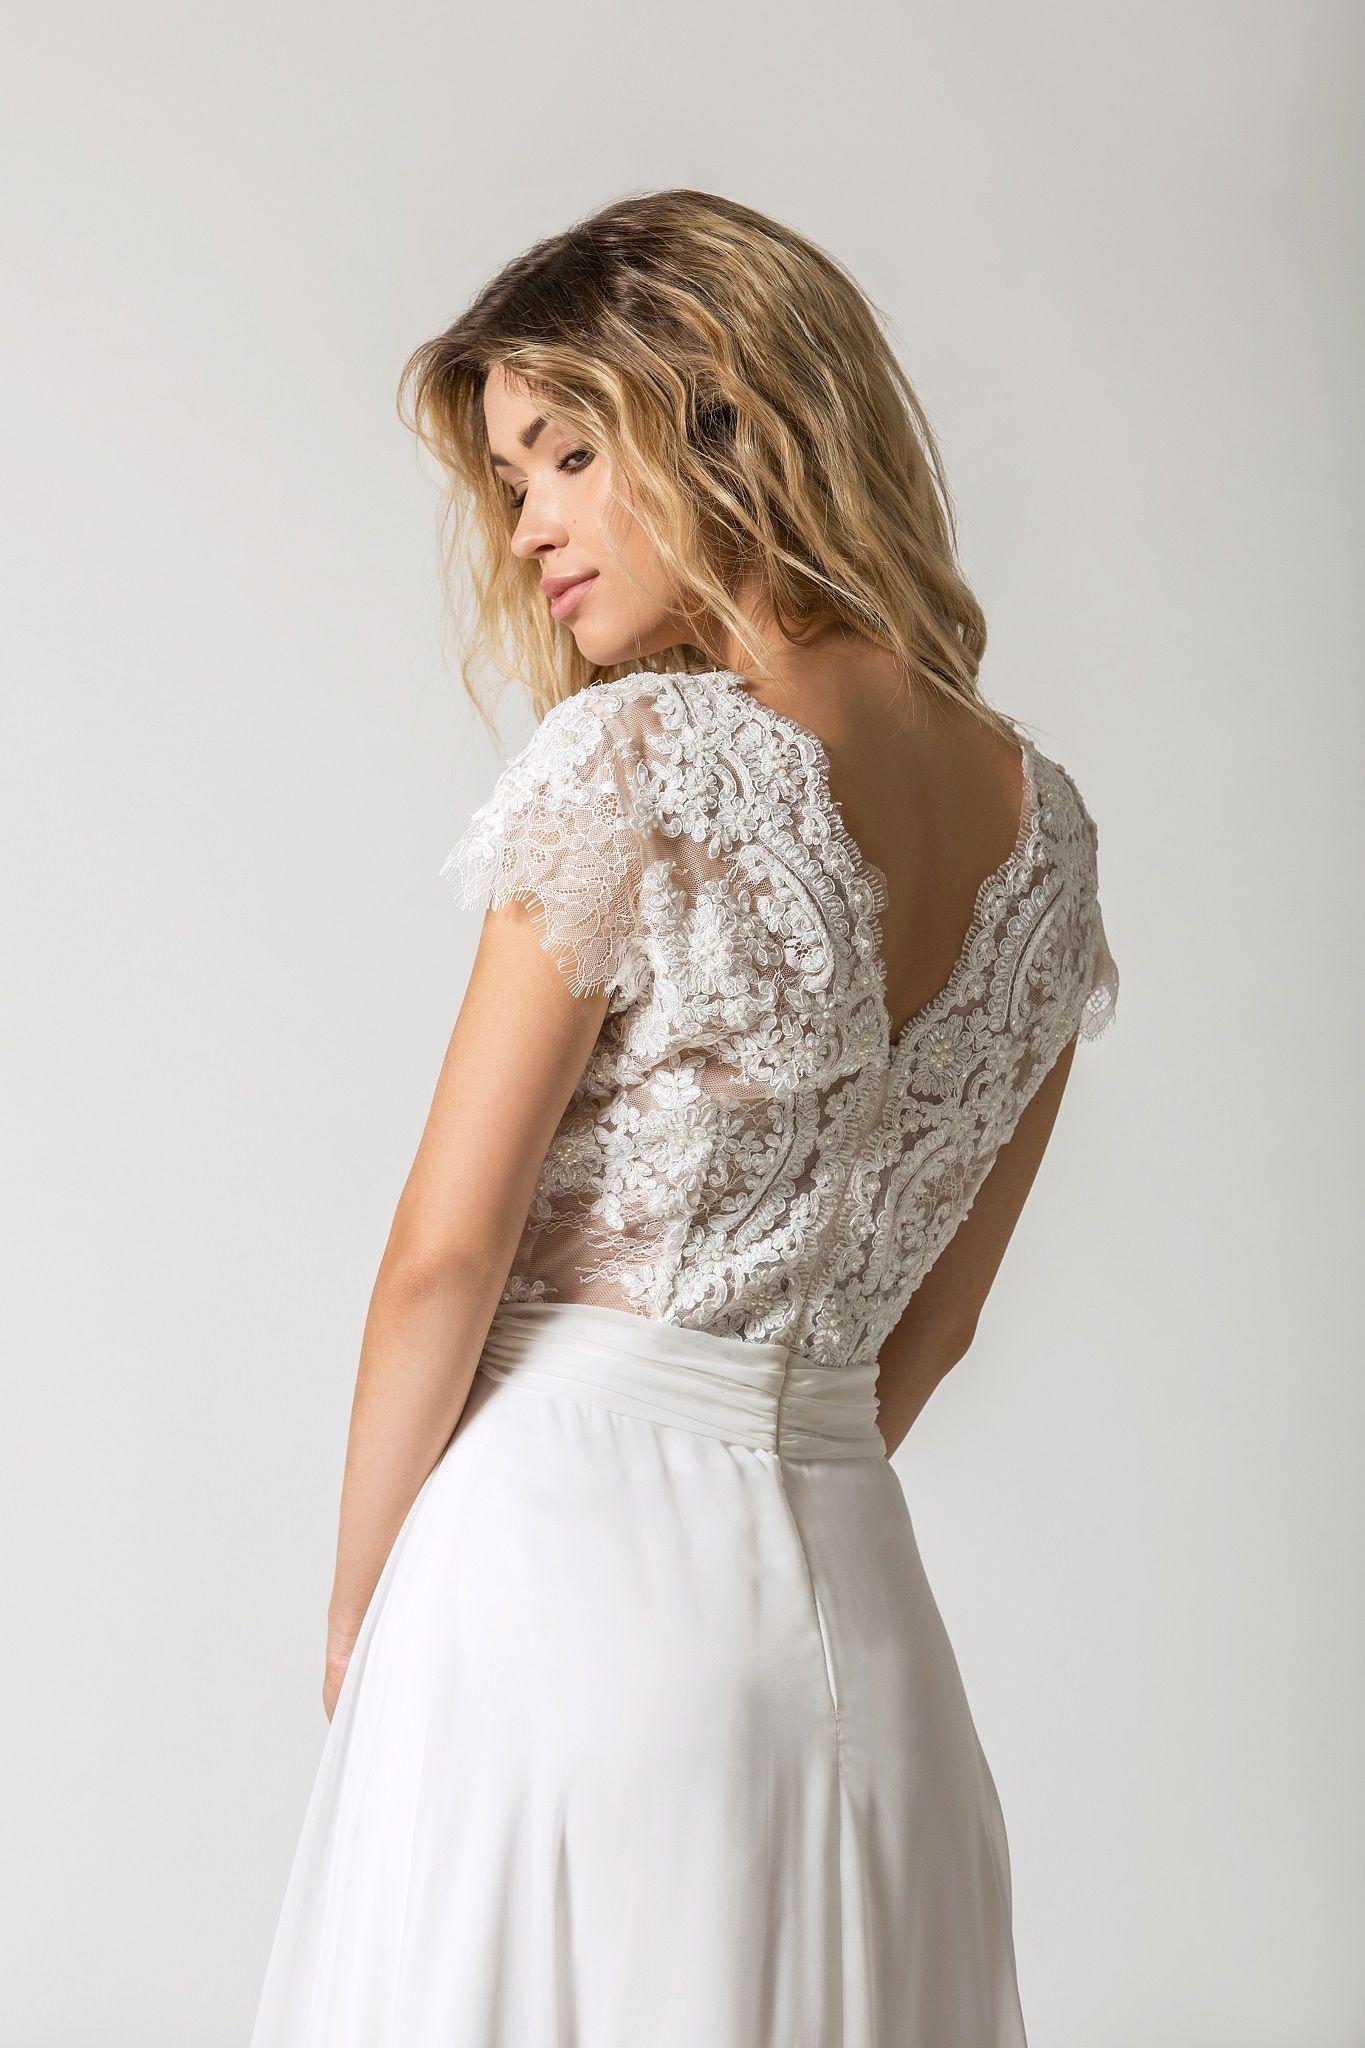 c23b904cb7 Suknia ślubna podkreślająca talię. Zdobiona góra z krótkim rękawkiem oraz  muślinowa spódnica. Piękna i klasyczna suknia ślubna. Model  Elza